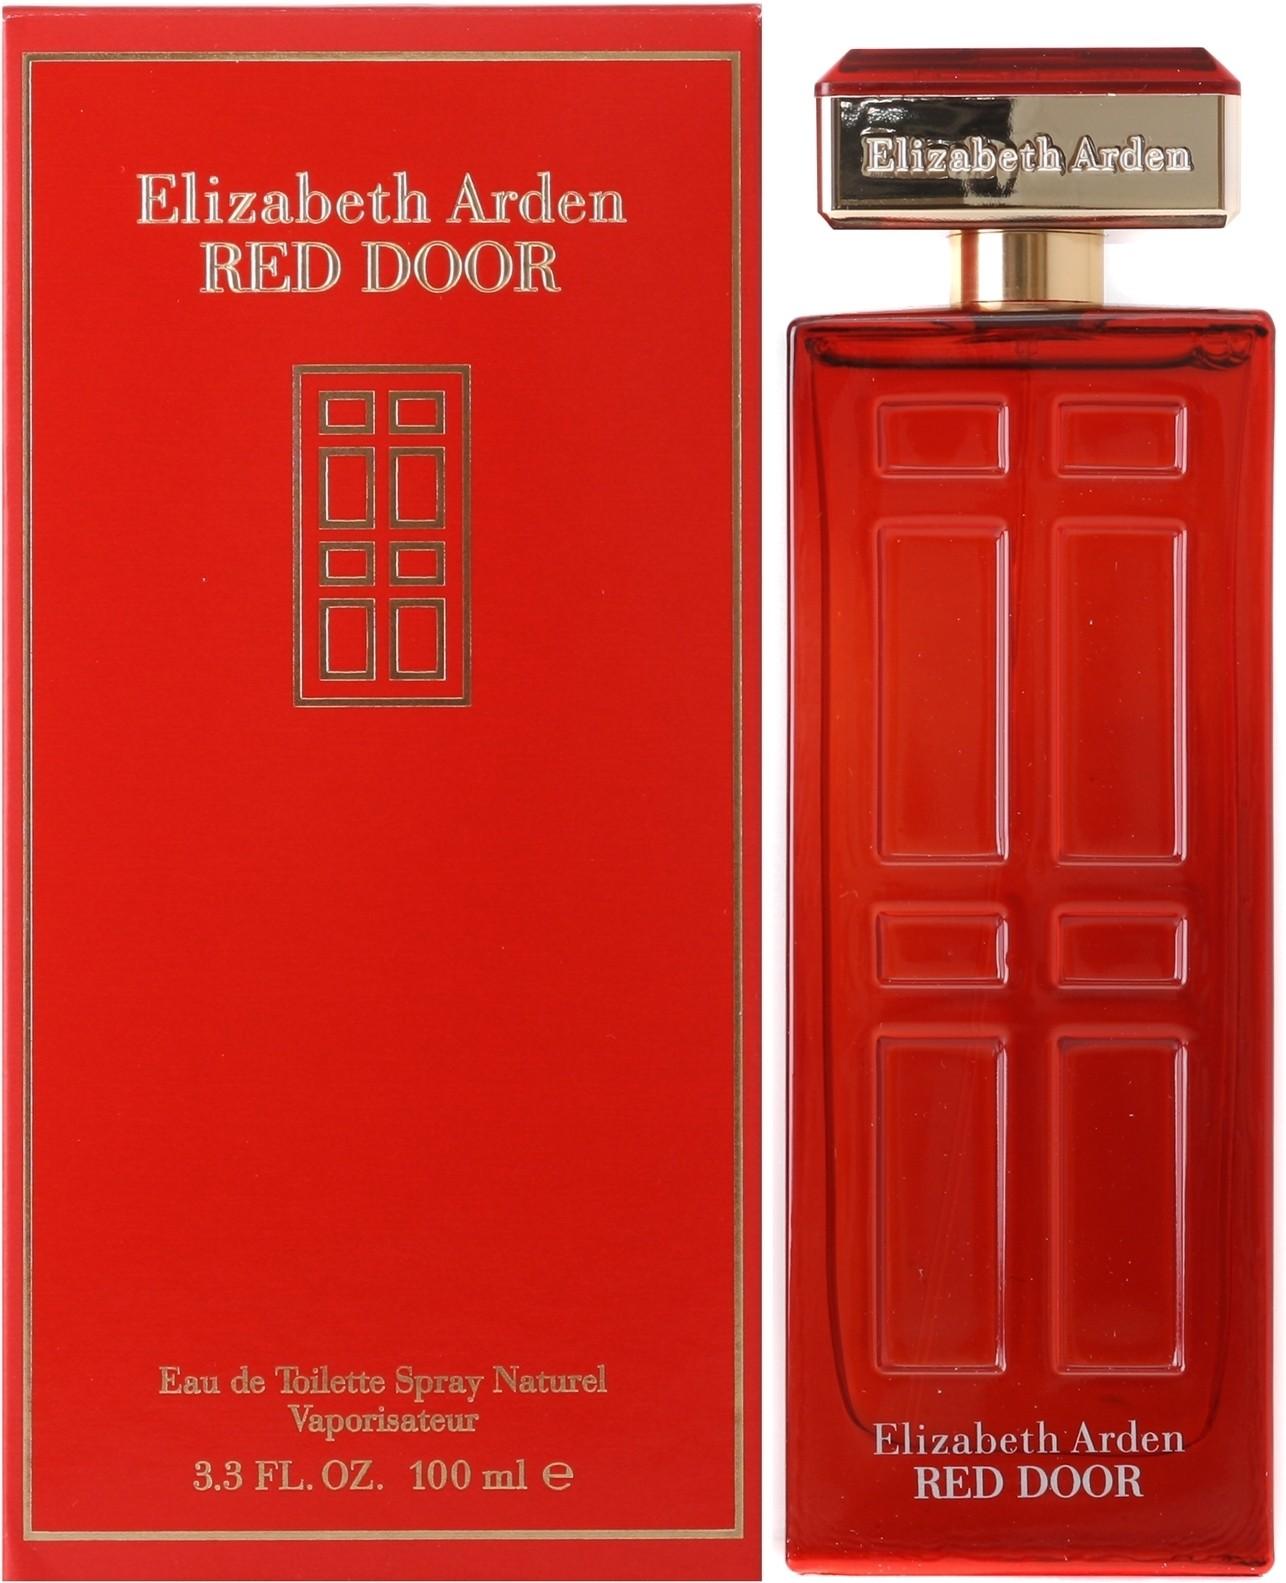 Elizabeth Arden Price List In India Buy Elizabeth Arden Online At